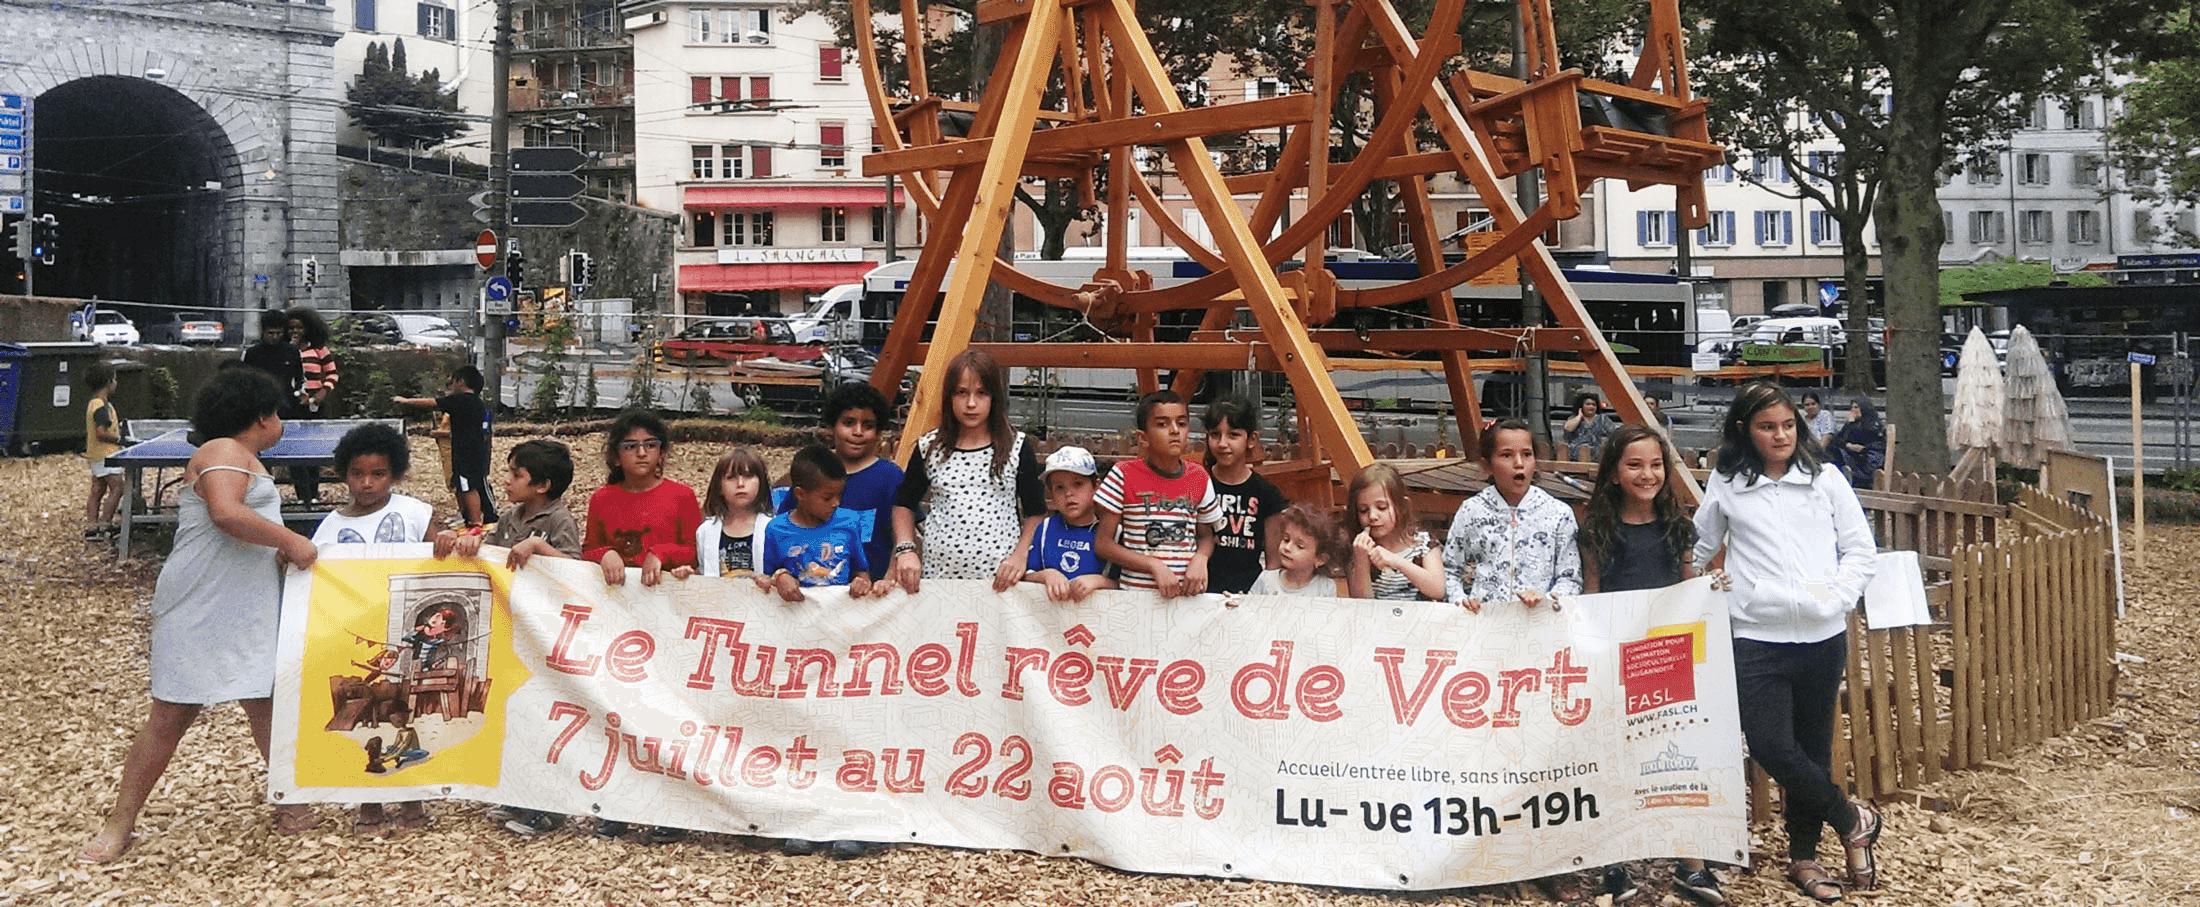 le-tunnel-reve-de-vert-place-du-tunnel-lausanne-terrain-d-aventure-ephemere